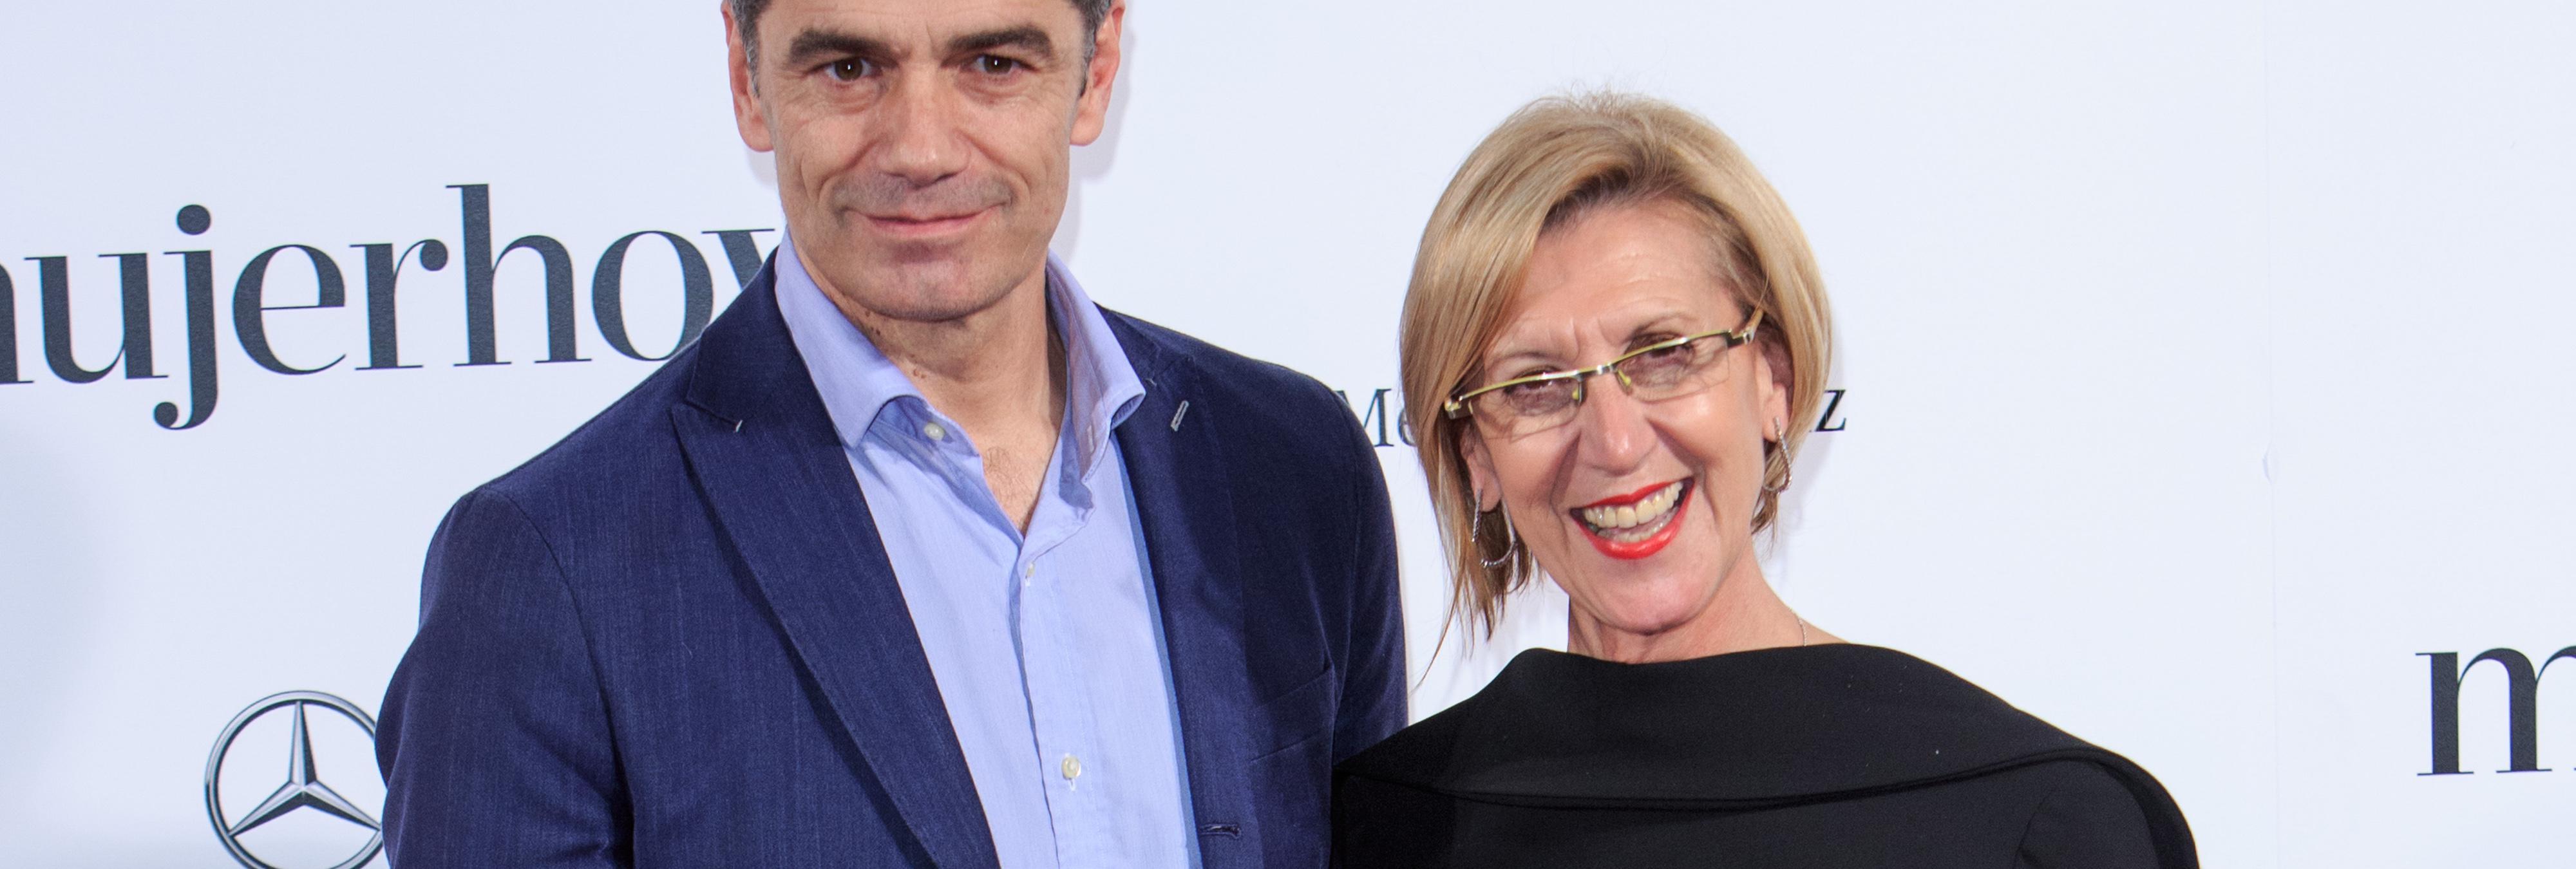 Rosa Díez deja UPyD y pide la disolución del partido